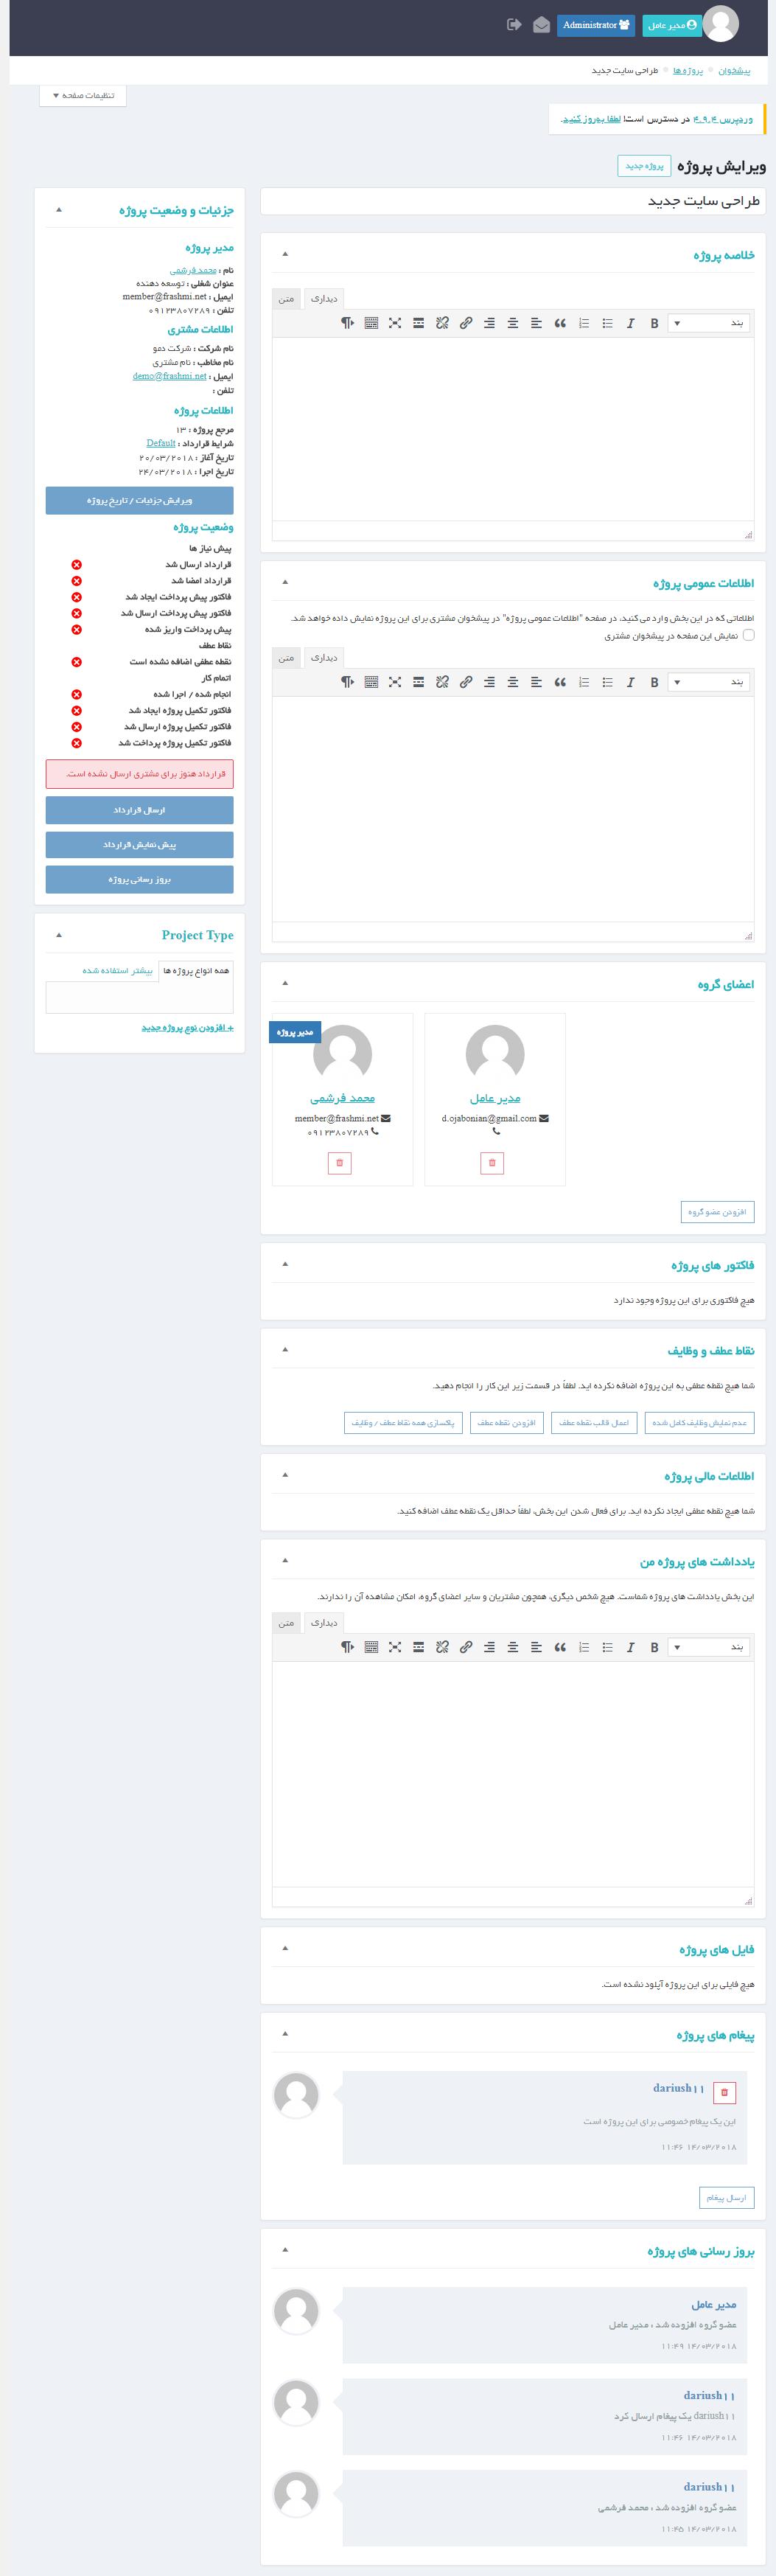 افزونه مدیریت پروژه و وظایف وردپرس | projectopia wordpress plugin 10